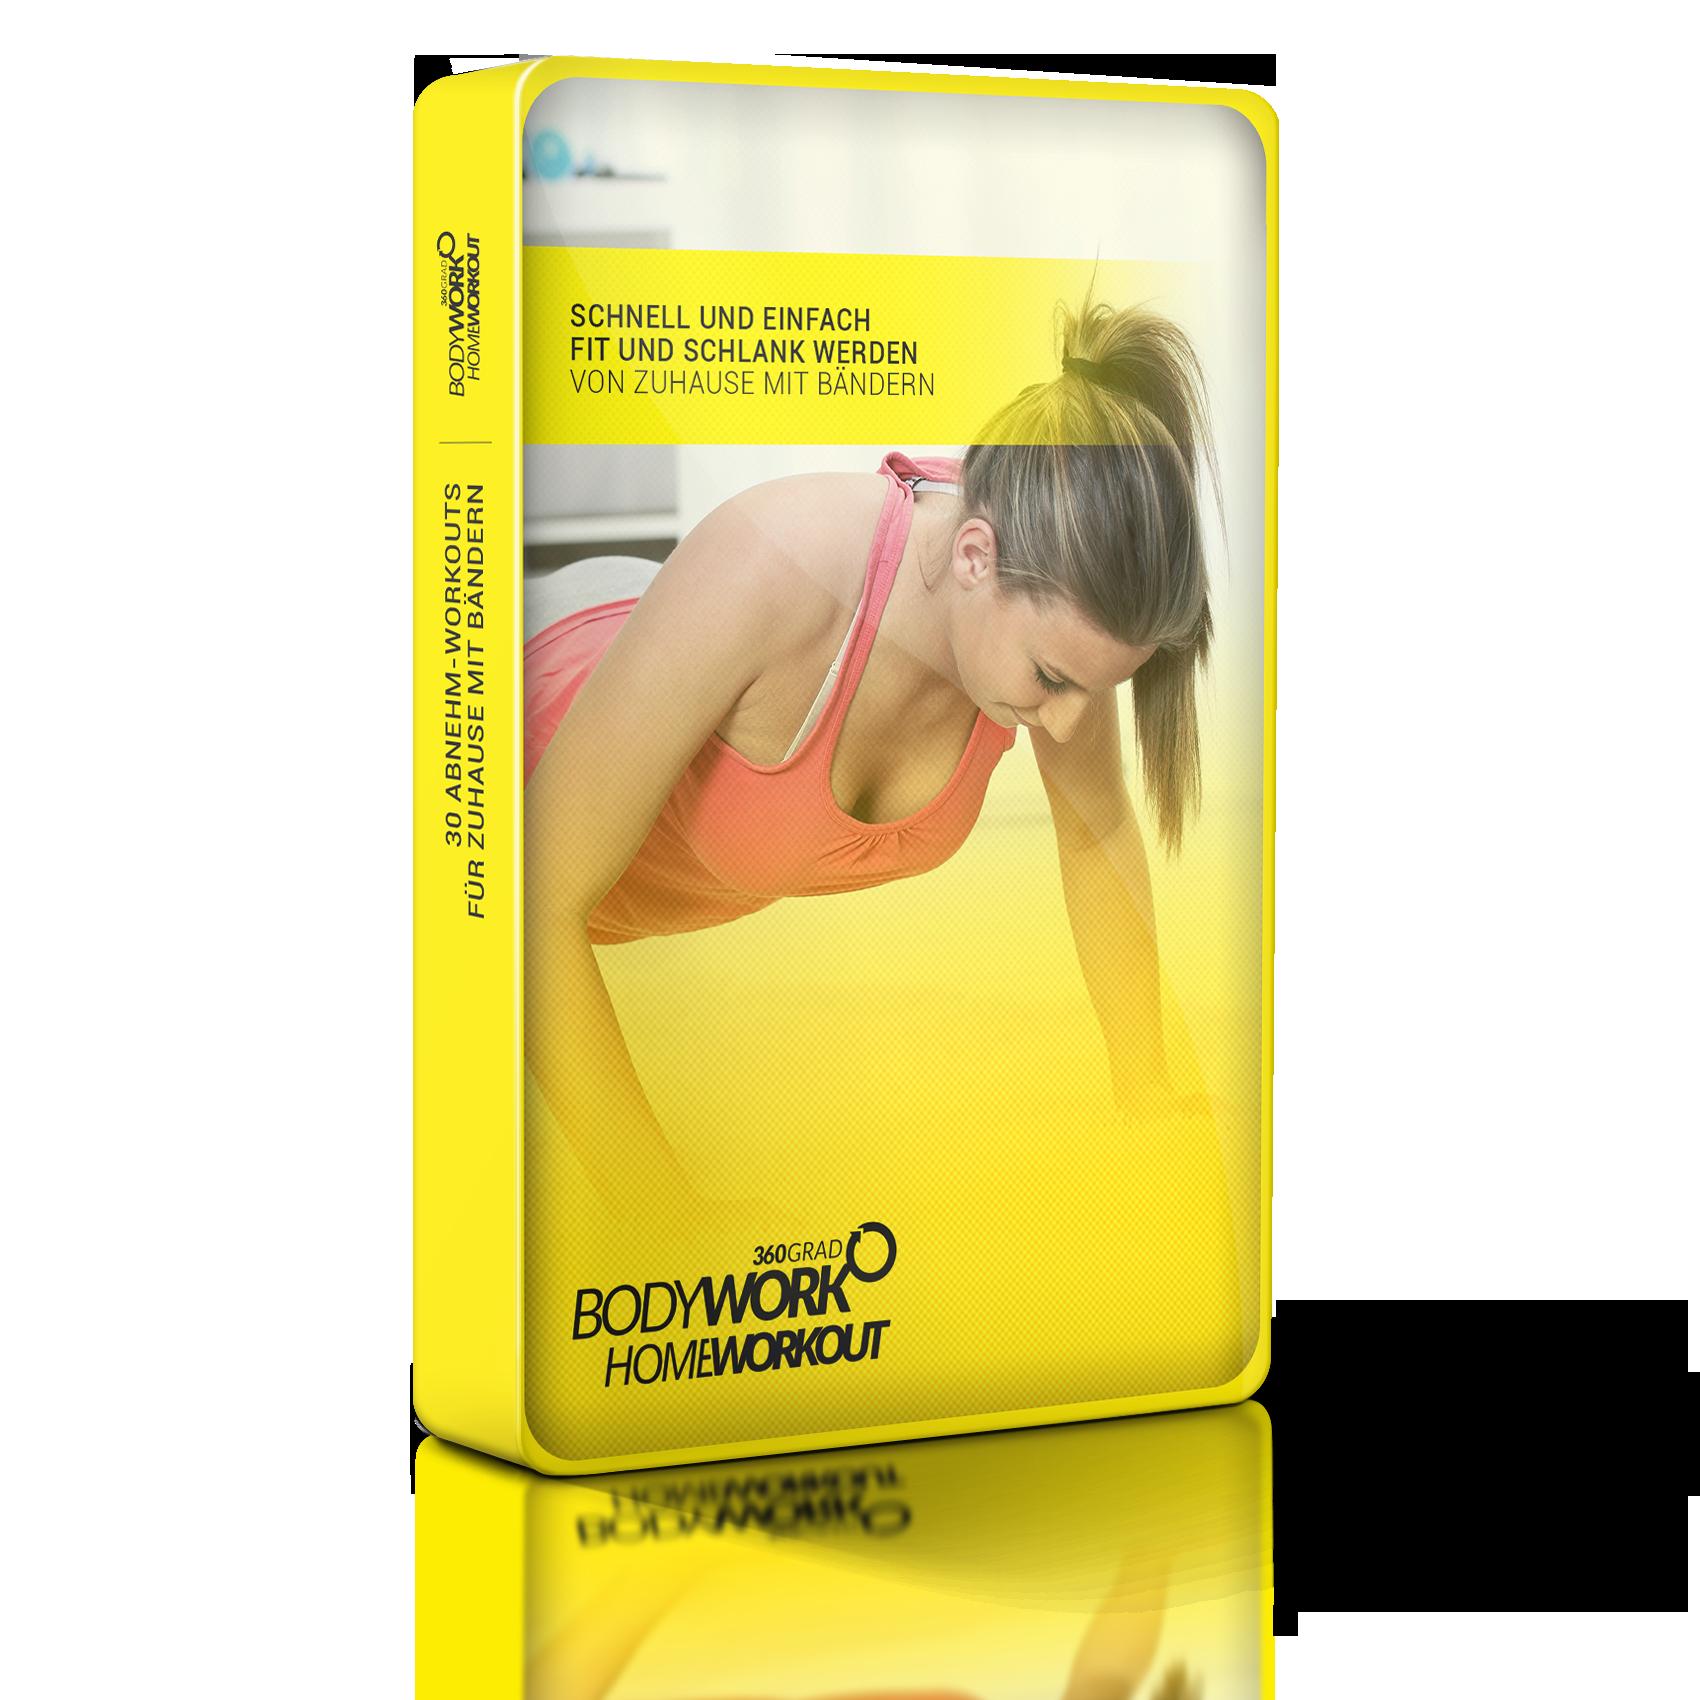 Bodywork360 - HOME WORKOUT (HEUTE 67% reduziert)